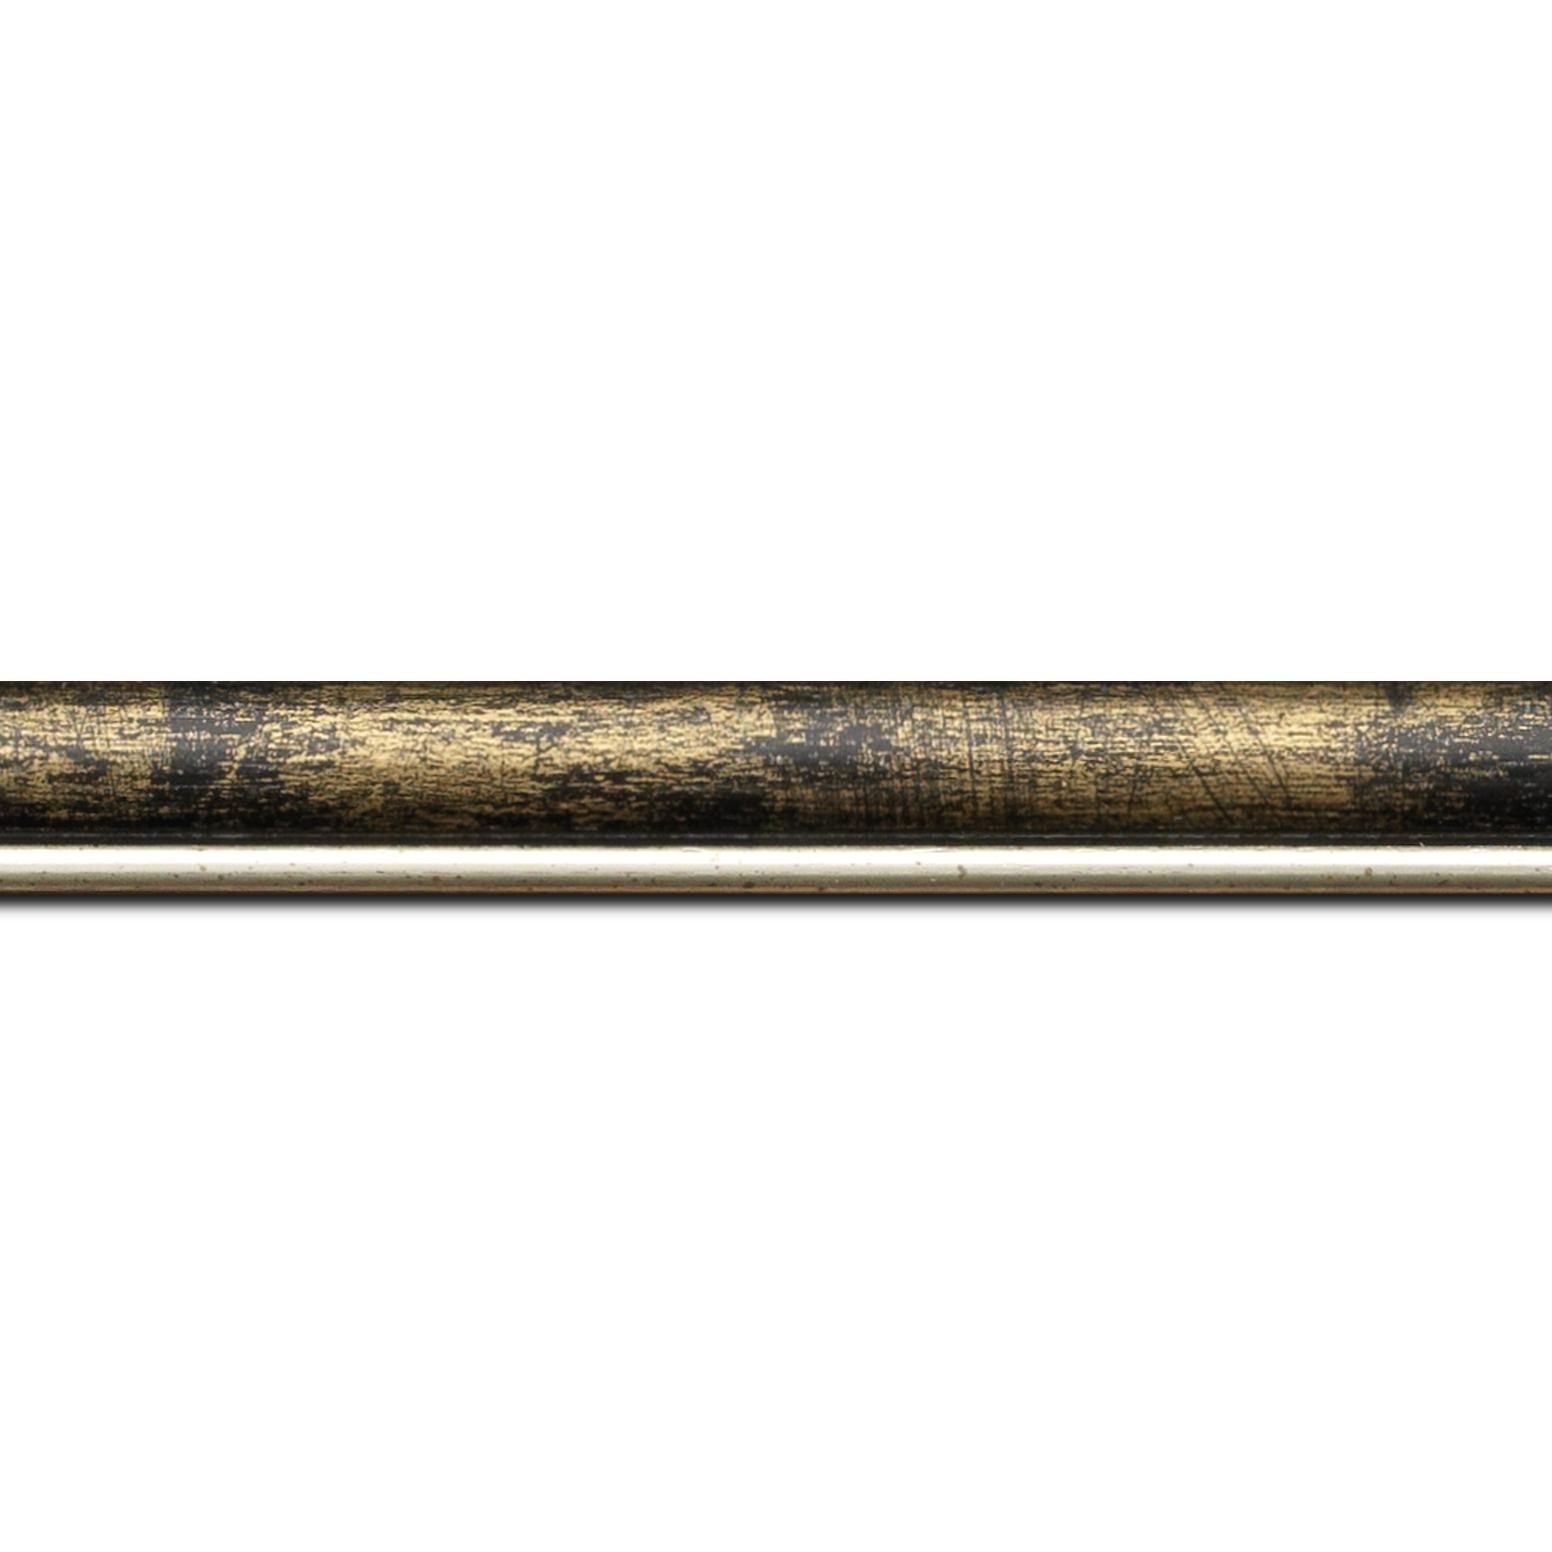 Pack par 12m, bois profil arrondi largeur 2.1cm  couleur noir fond or filet argent chaud (longueur baguette pouvant varier entre 2.40m et 3m selon arrivage des bois)